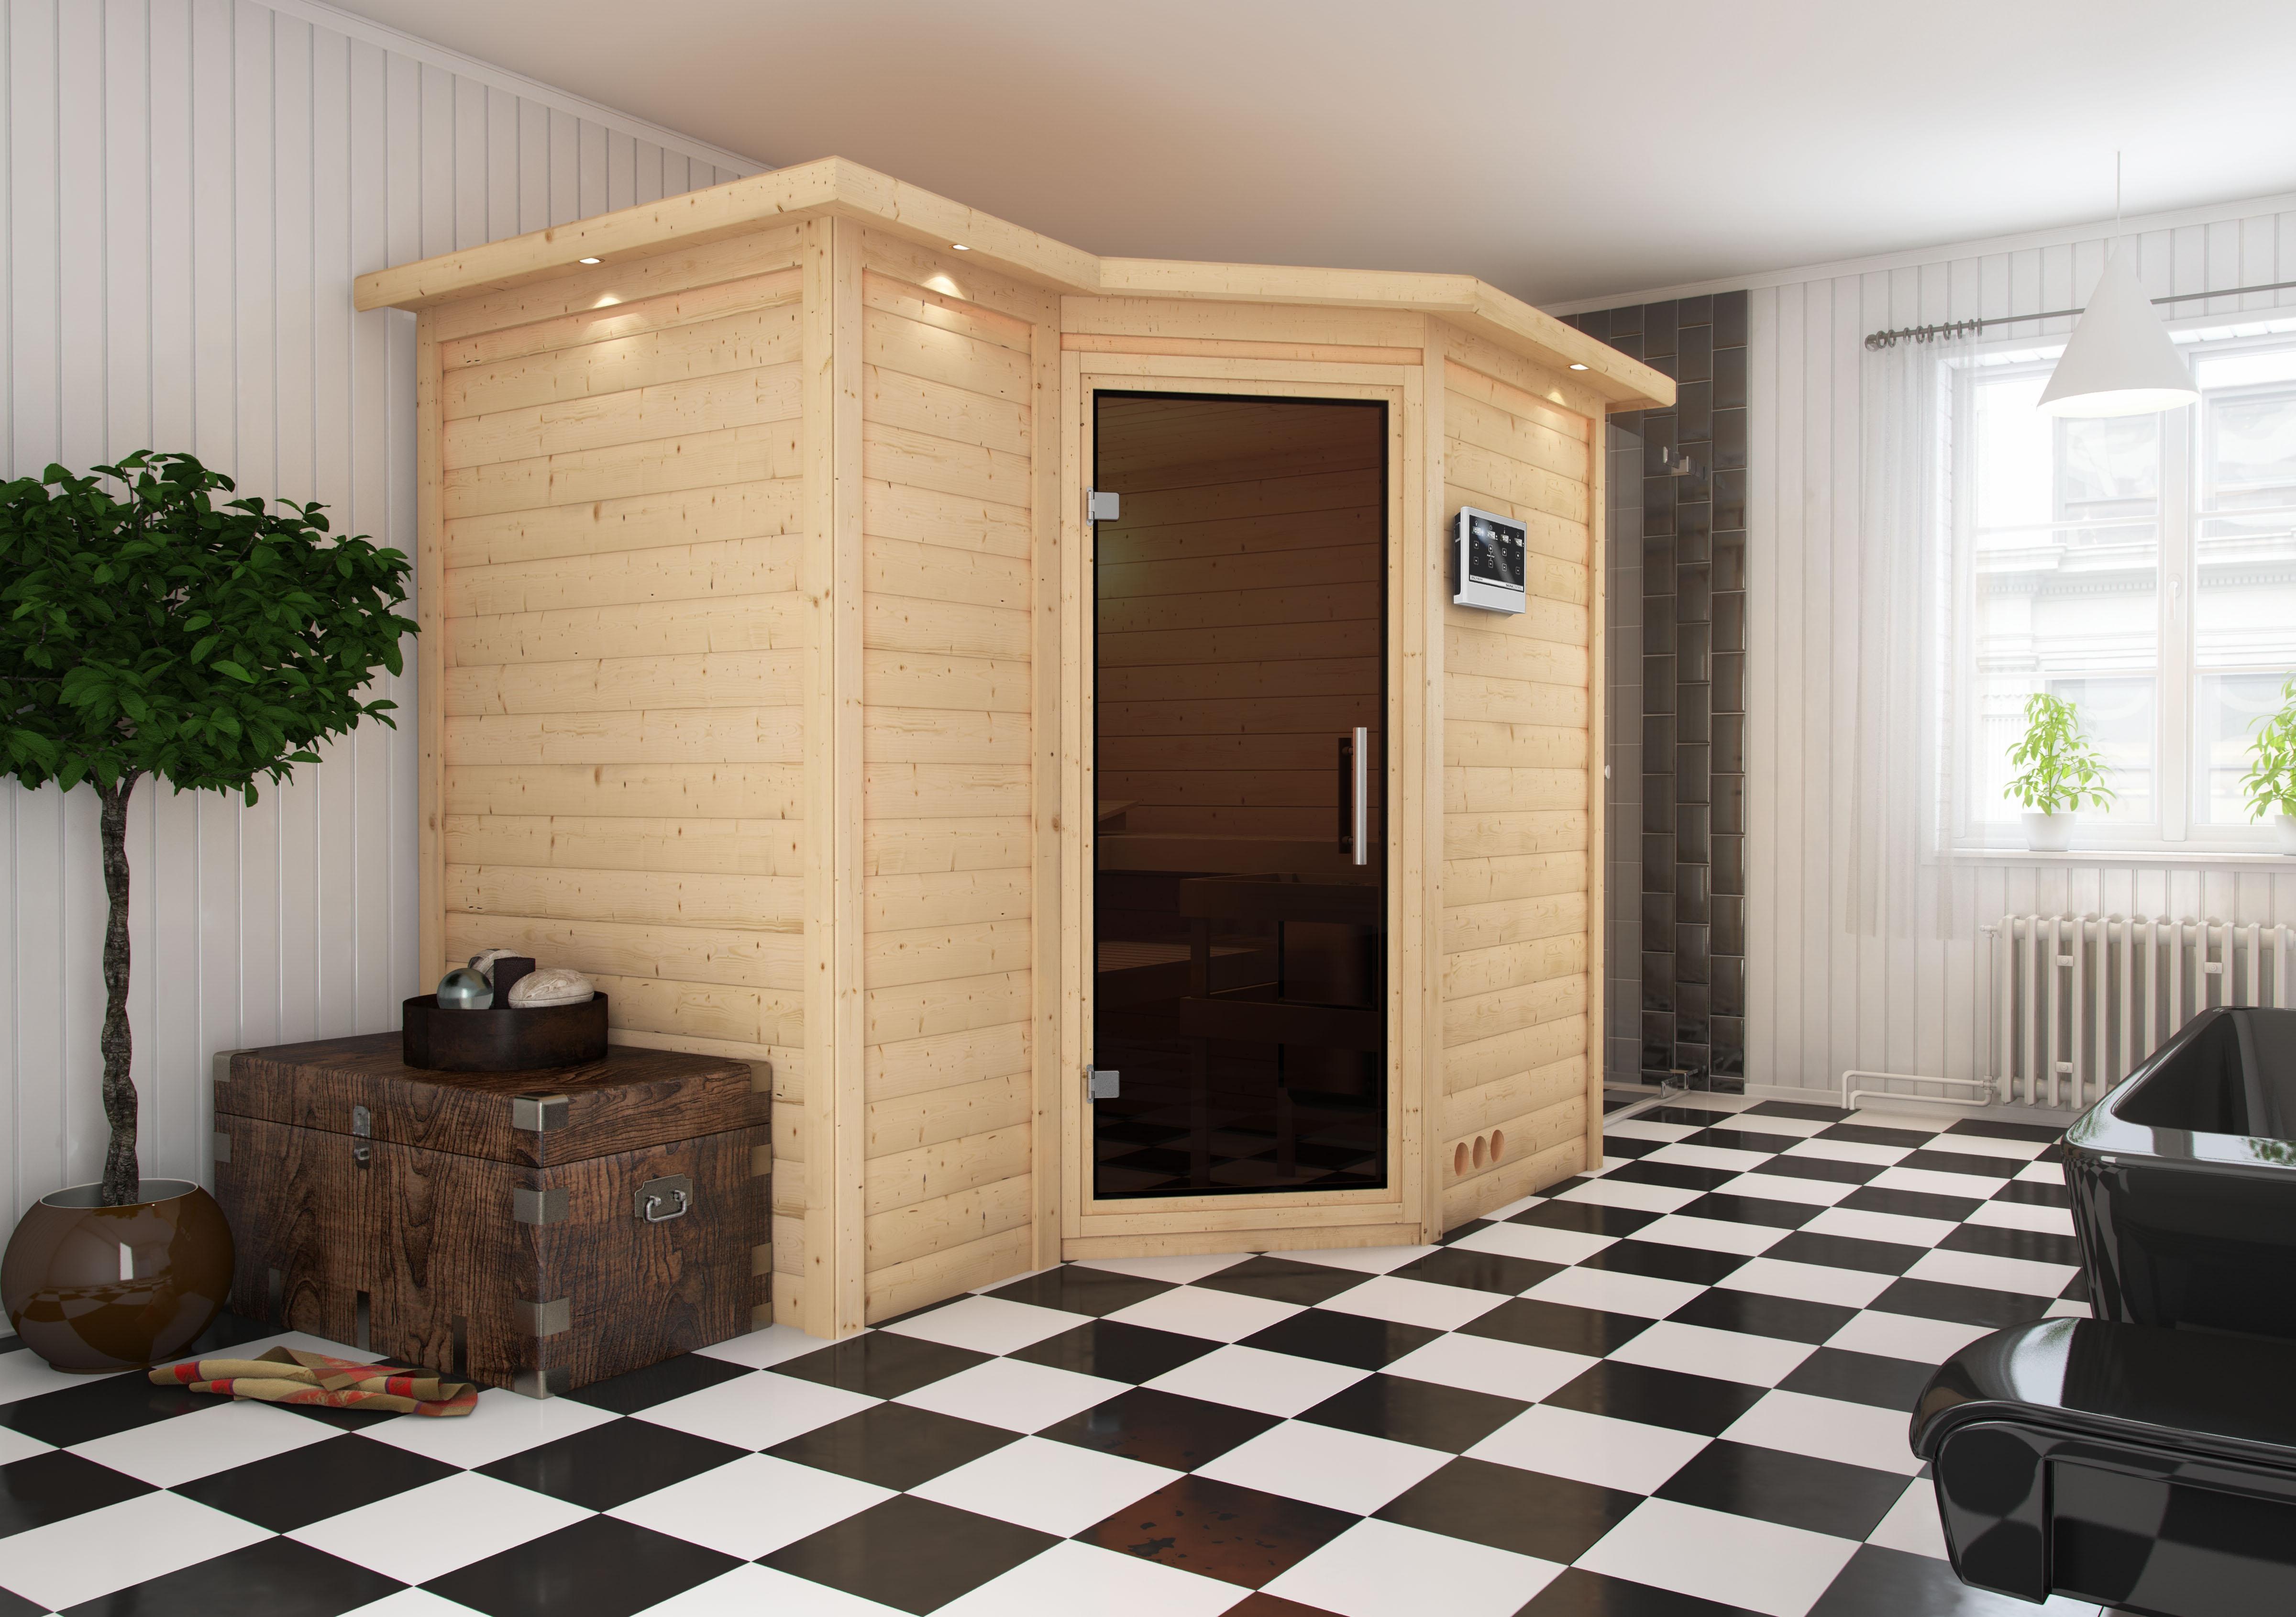 sauna heimsauna massivholz eckeinstieg 236 x 184 x 206 cm. Black Bedroom Furniture Sets. Home Design Ideas